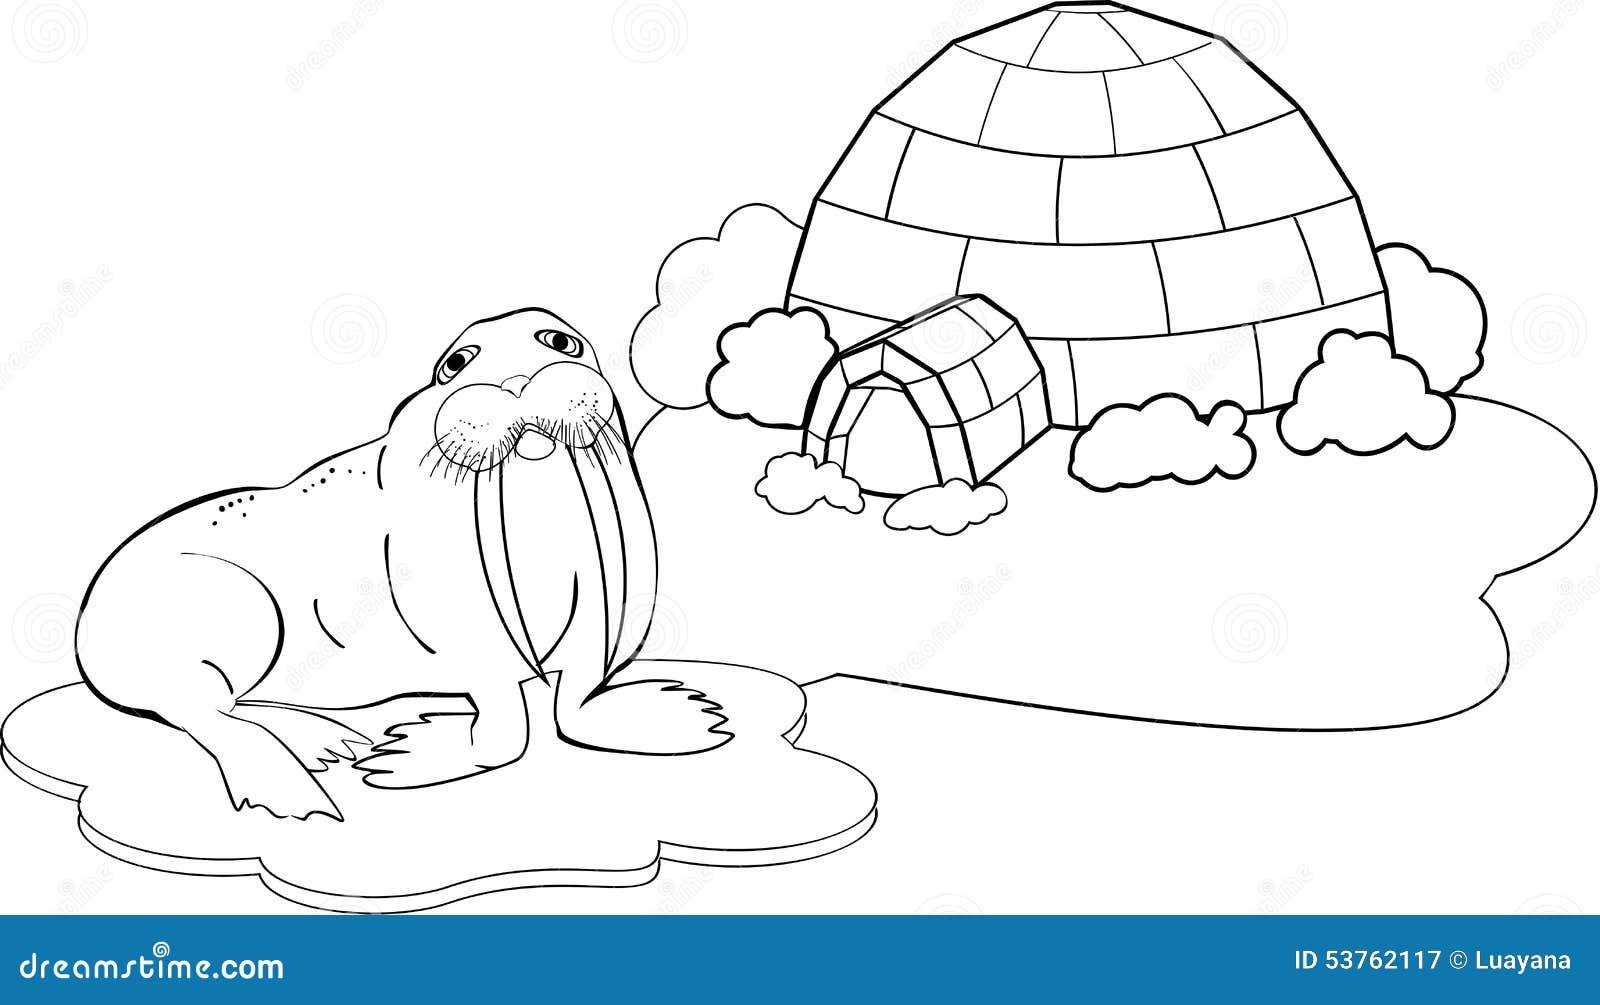 Vistoso Animales árticos Para Colorear Fotos - Dibujos Para Colorear ...